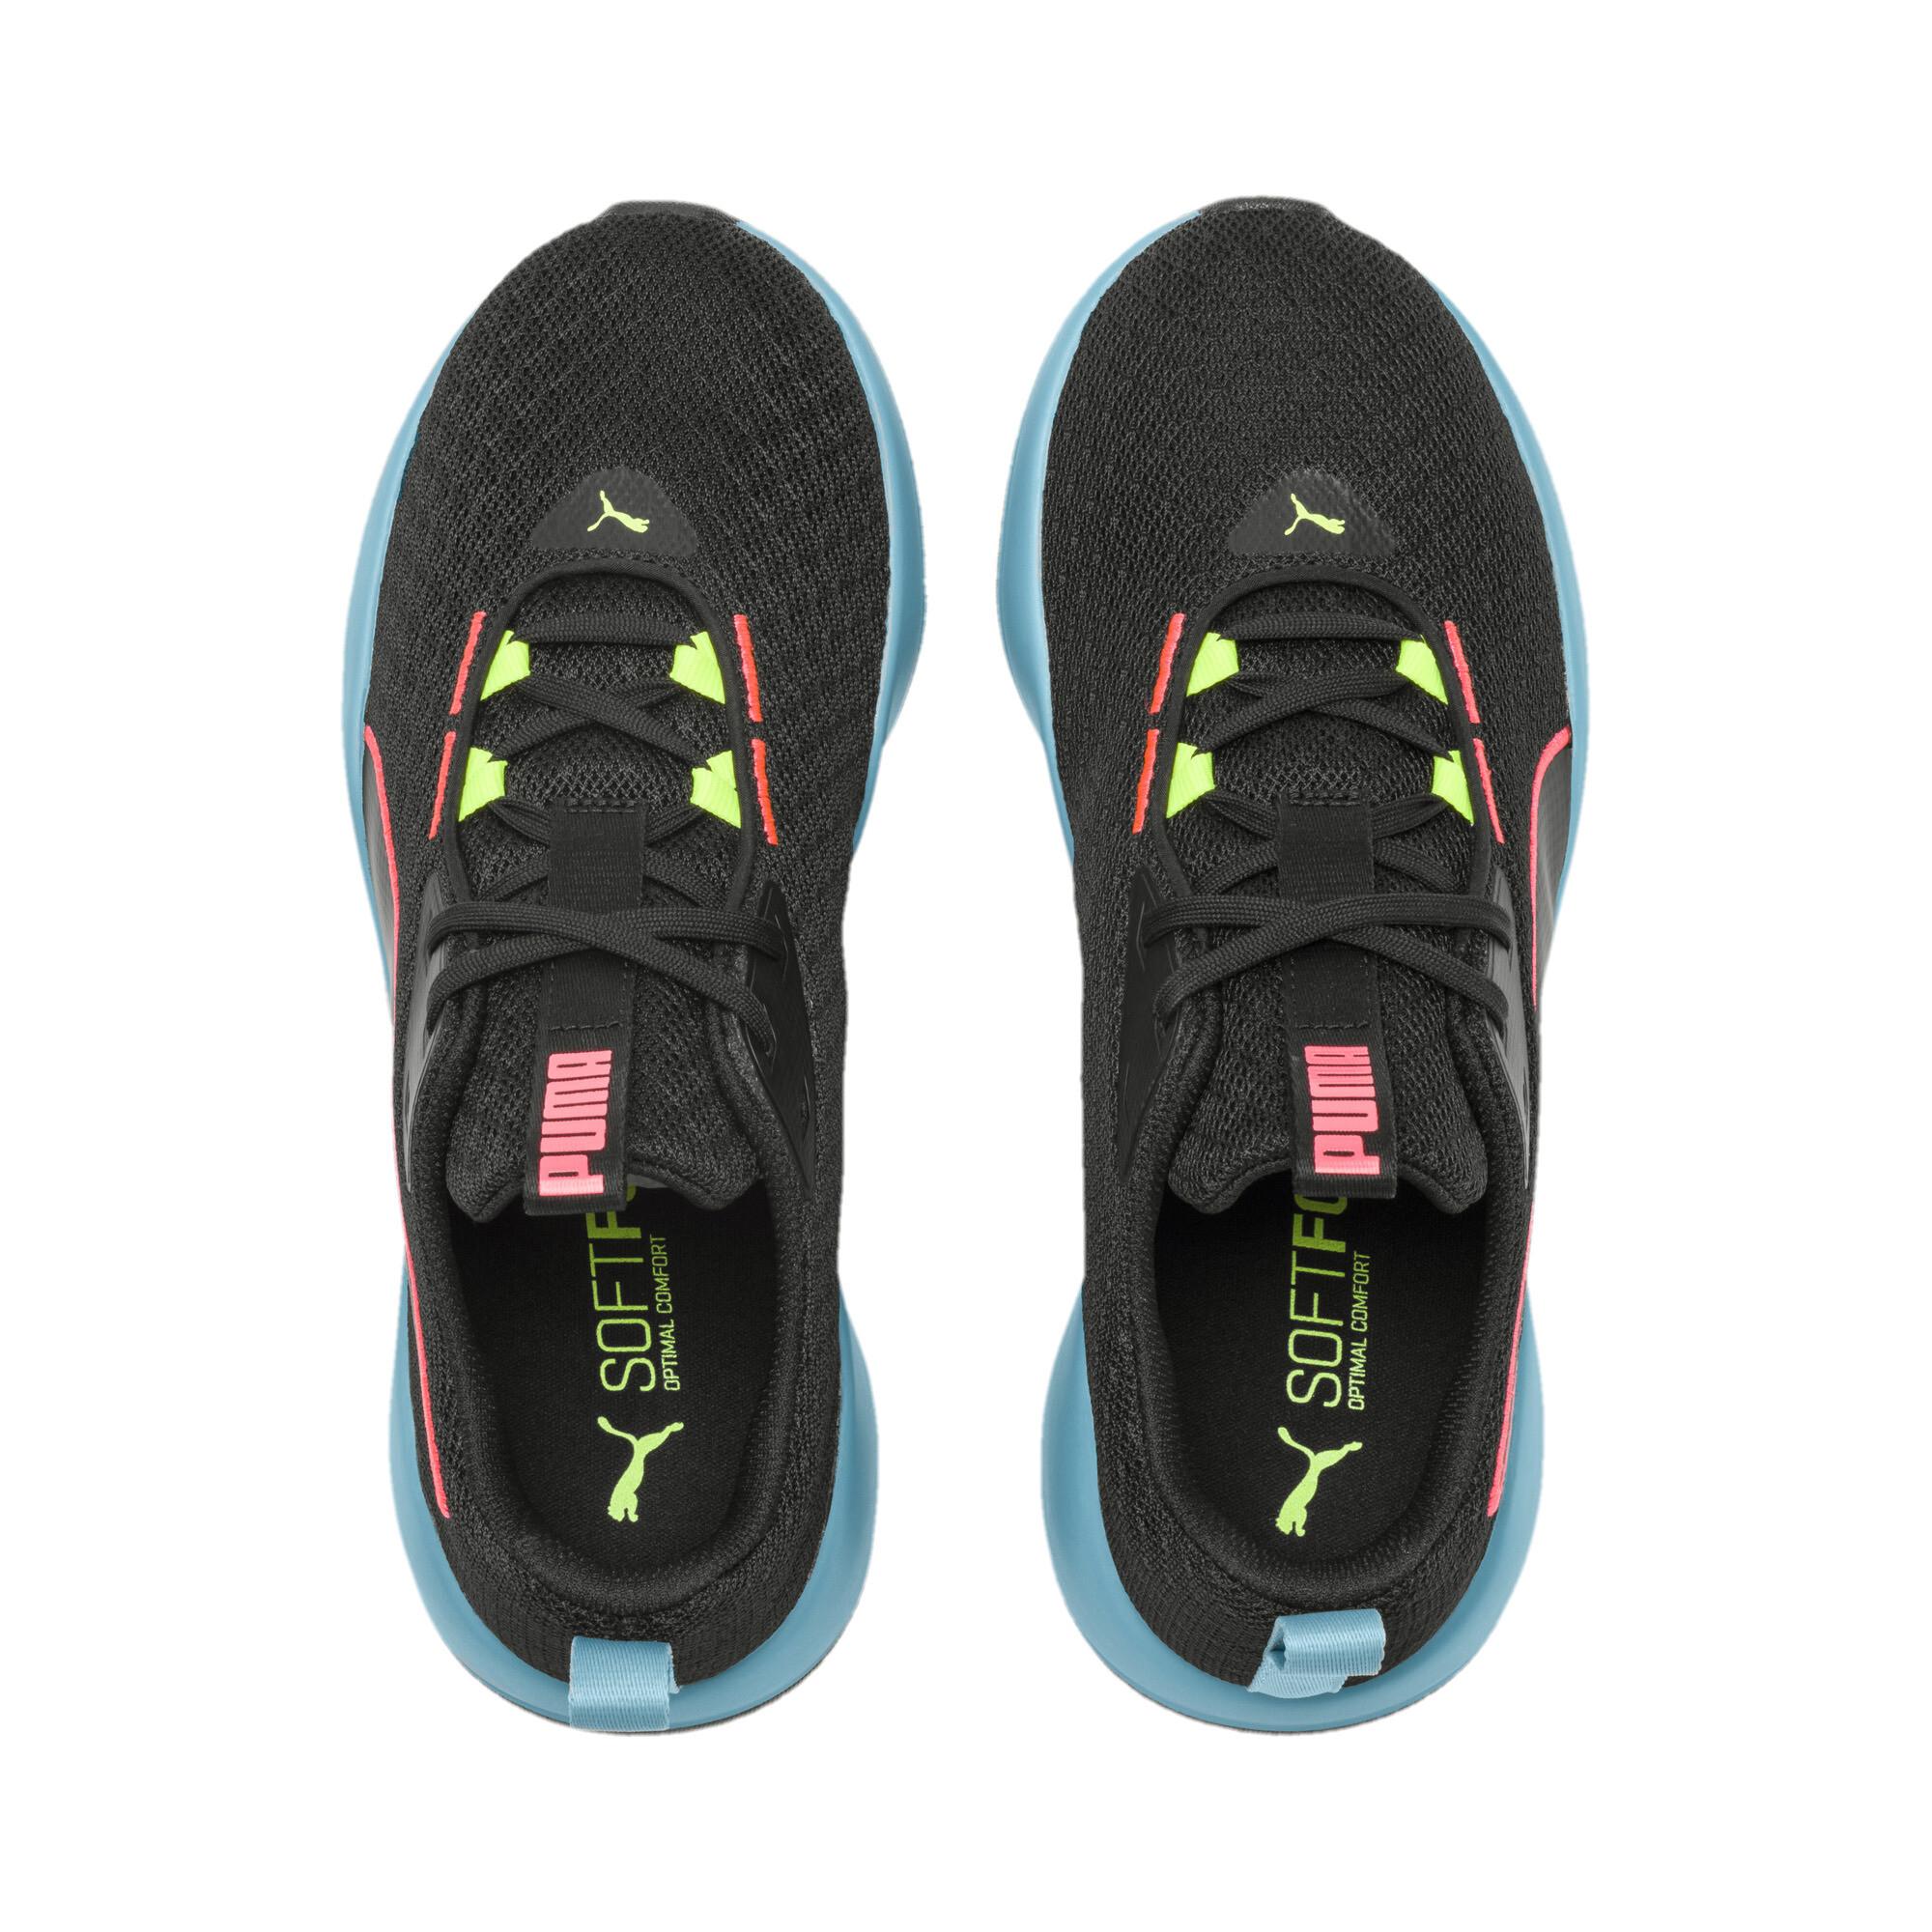 PUMA-Flourish-FS-Women-039-s-Training-Shoes-Women-Shoe-Training thumbnail 8